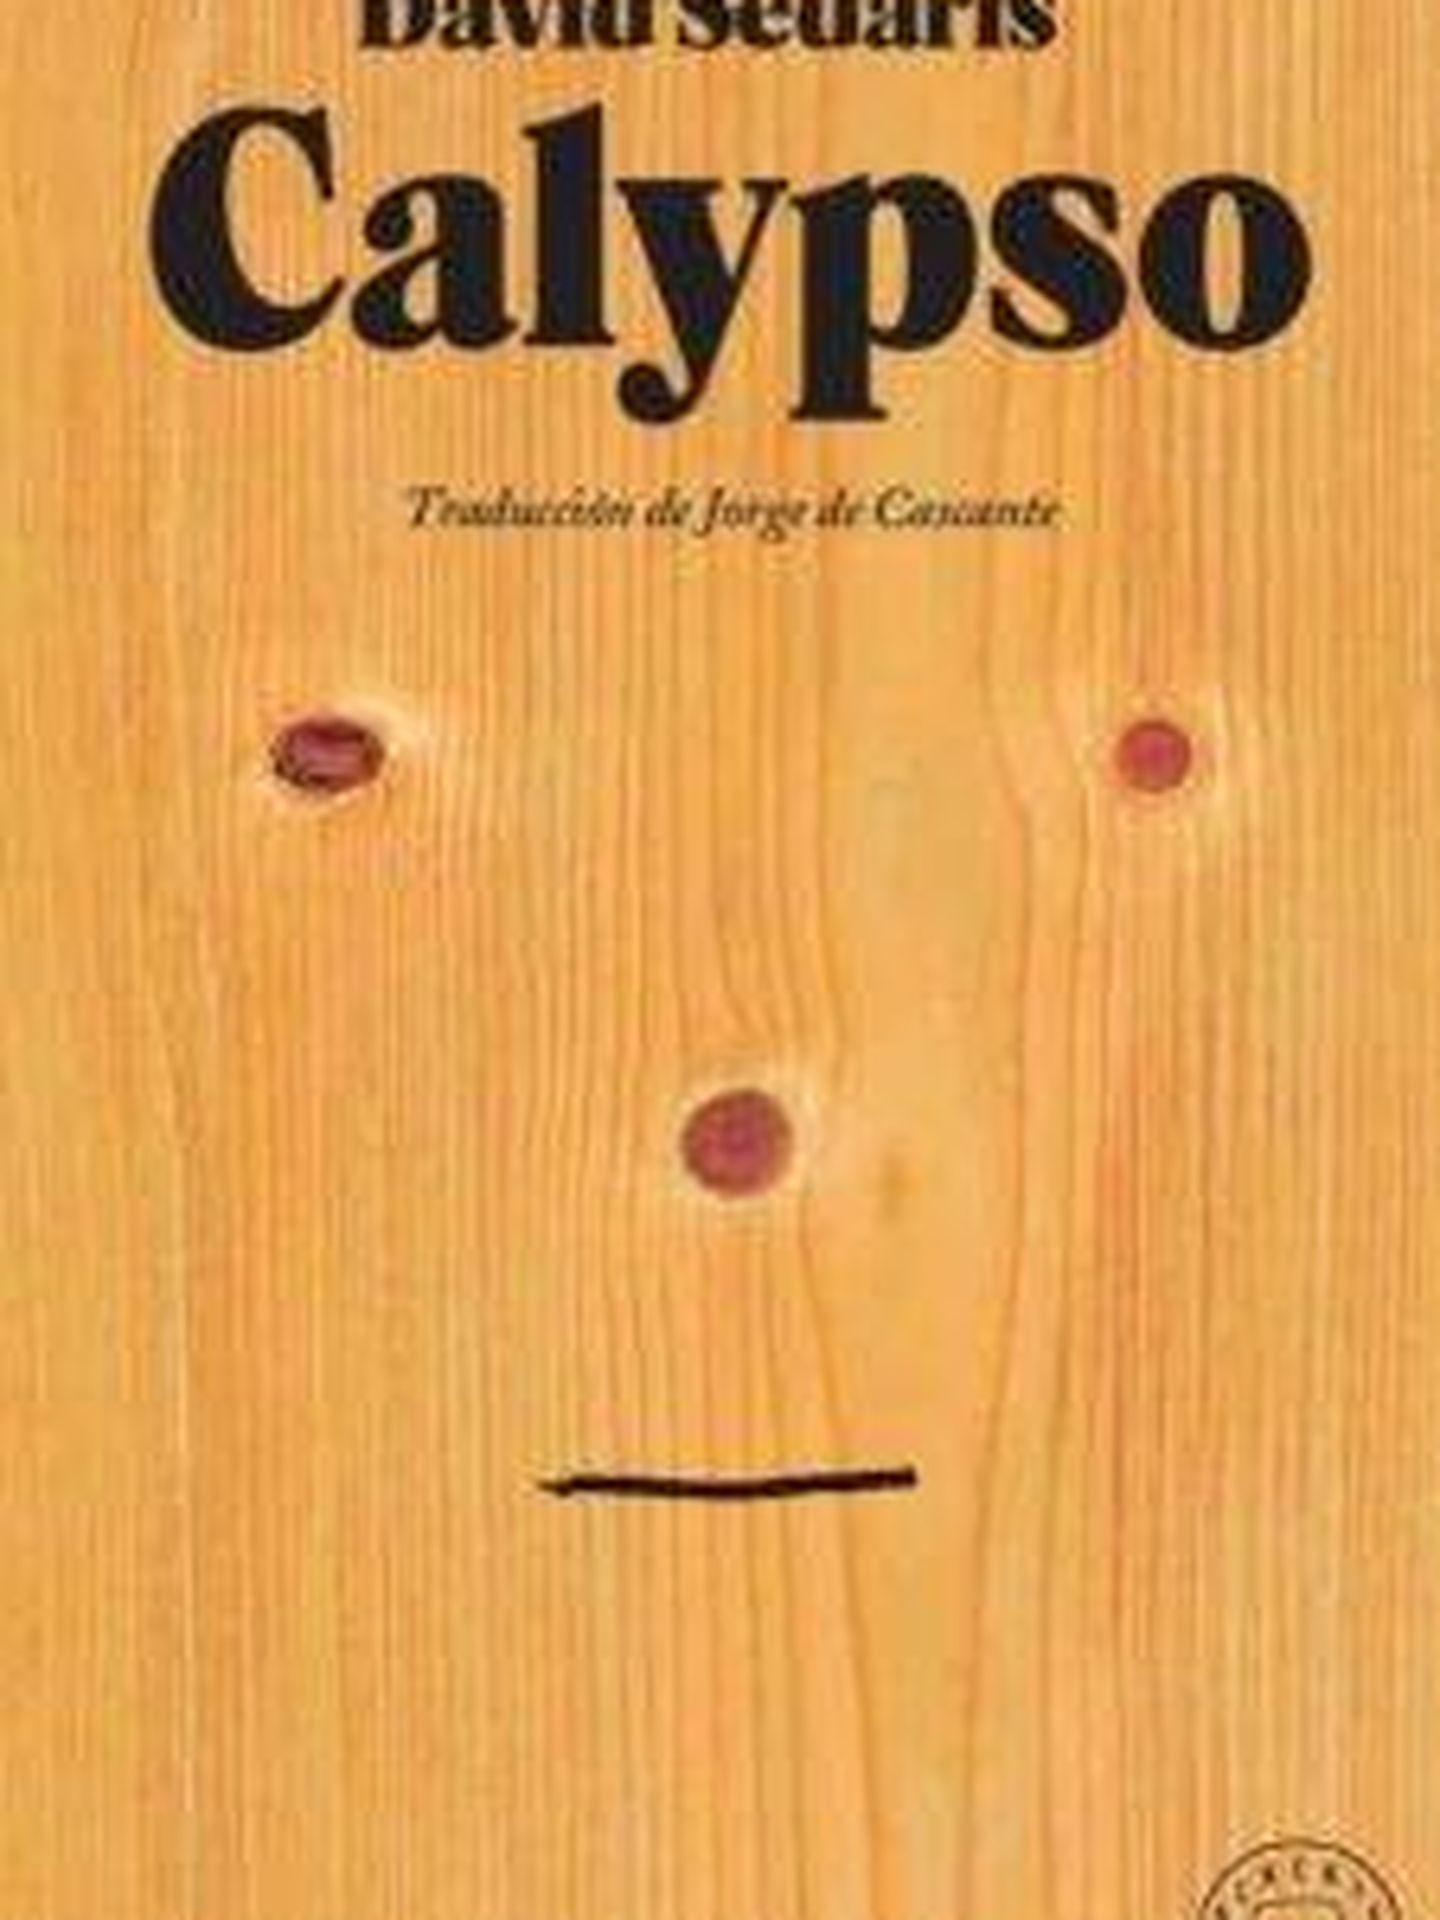 'Calypso'.